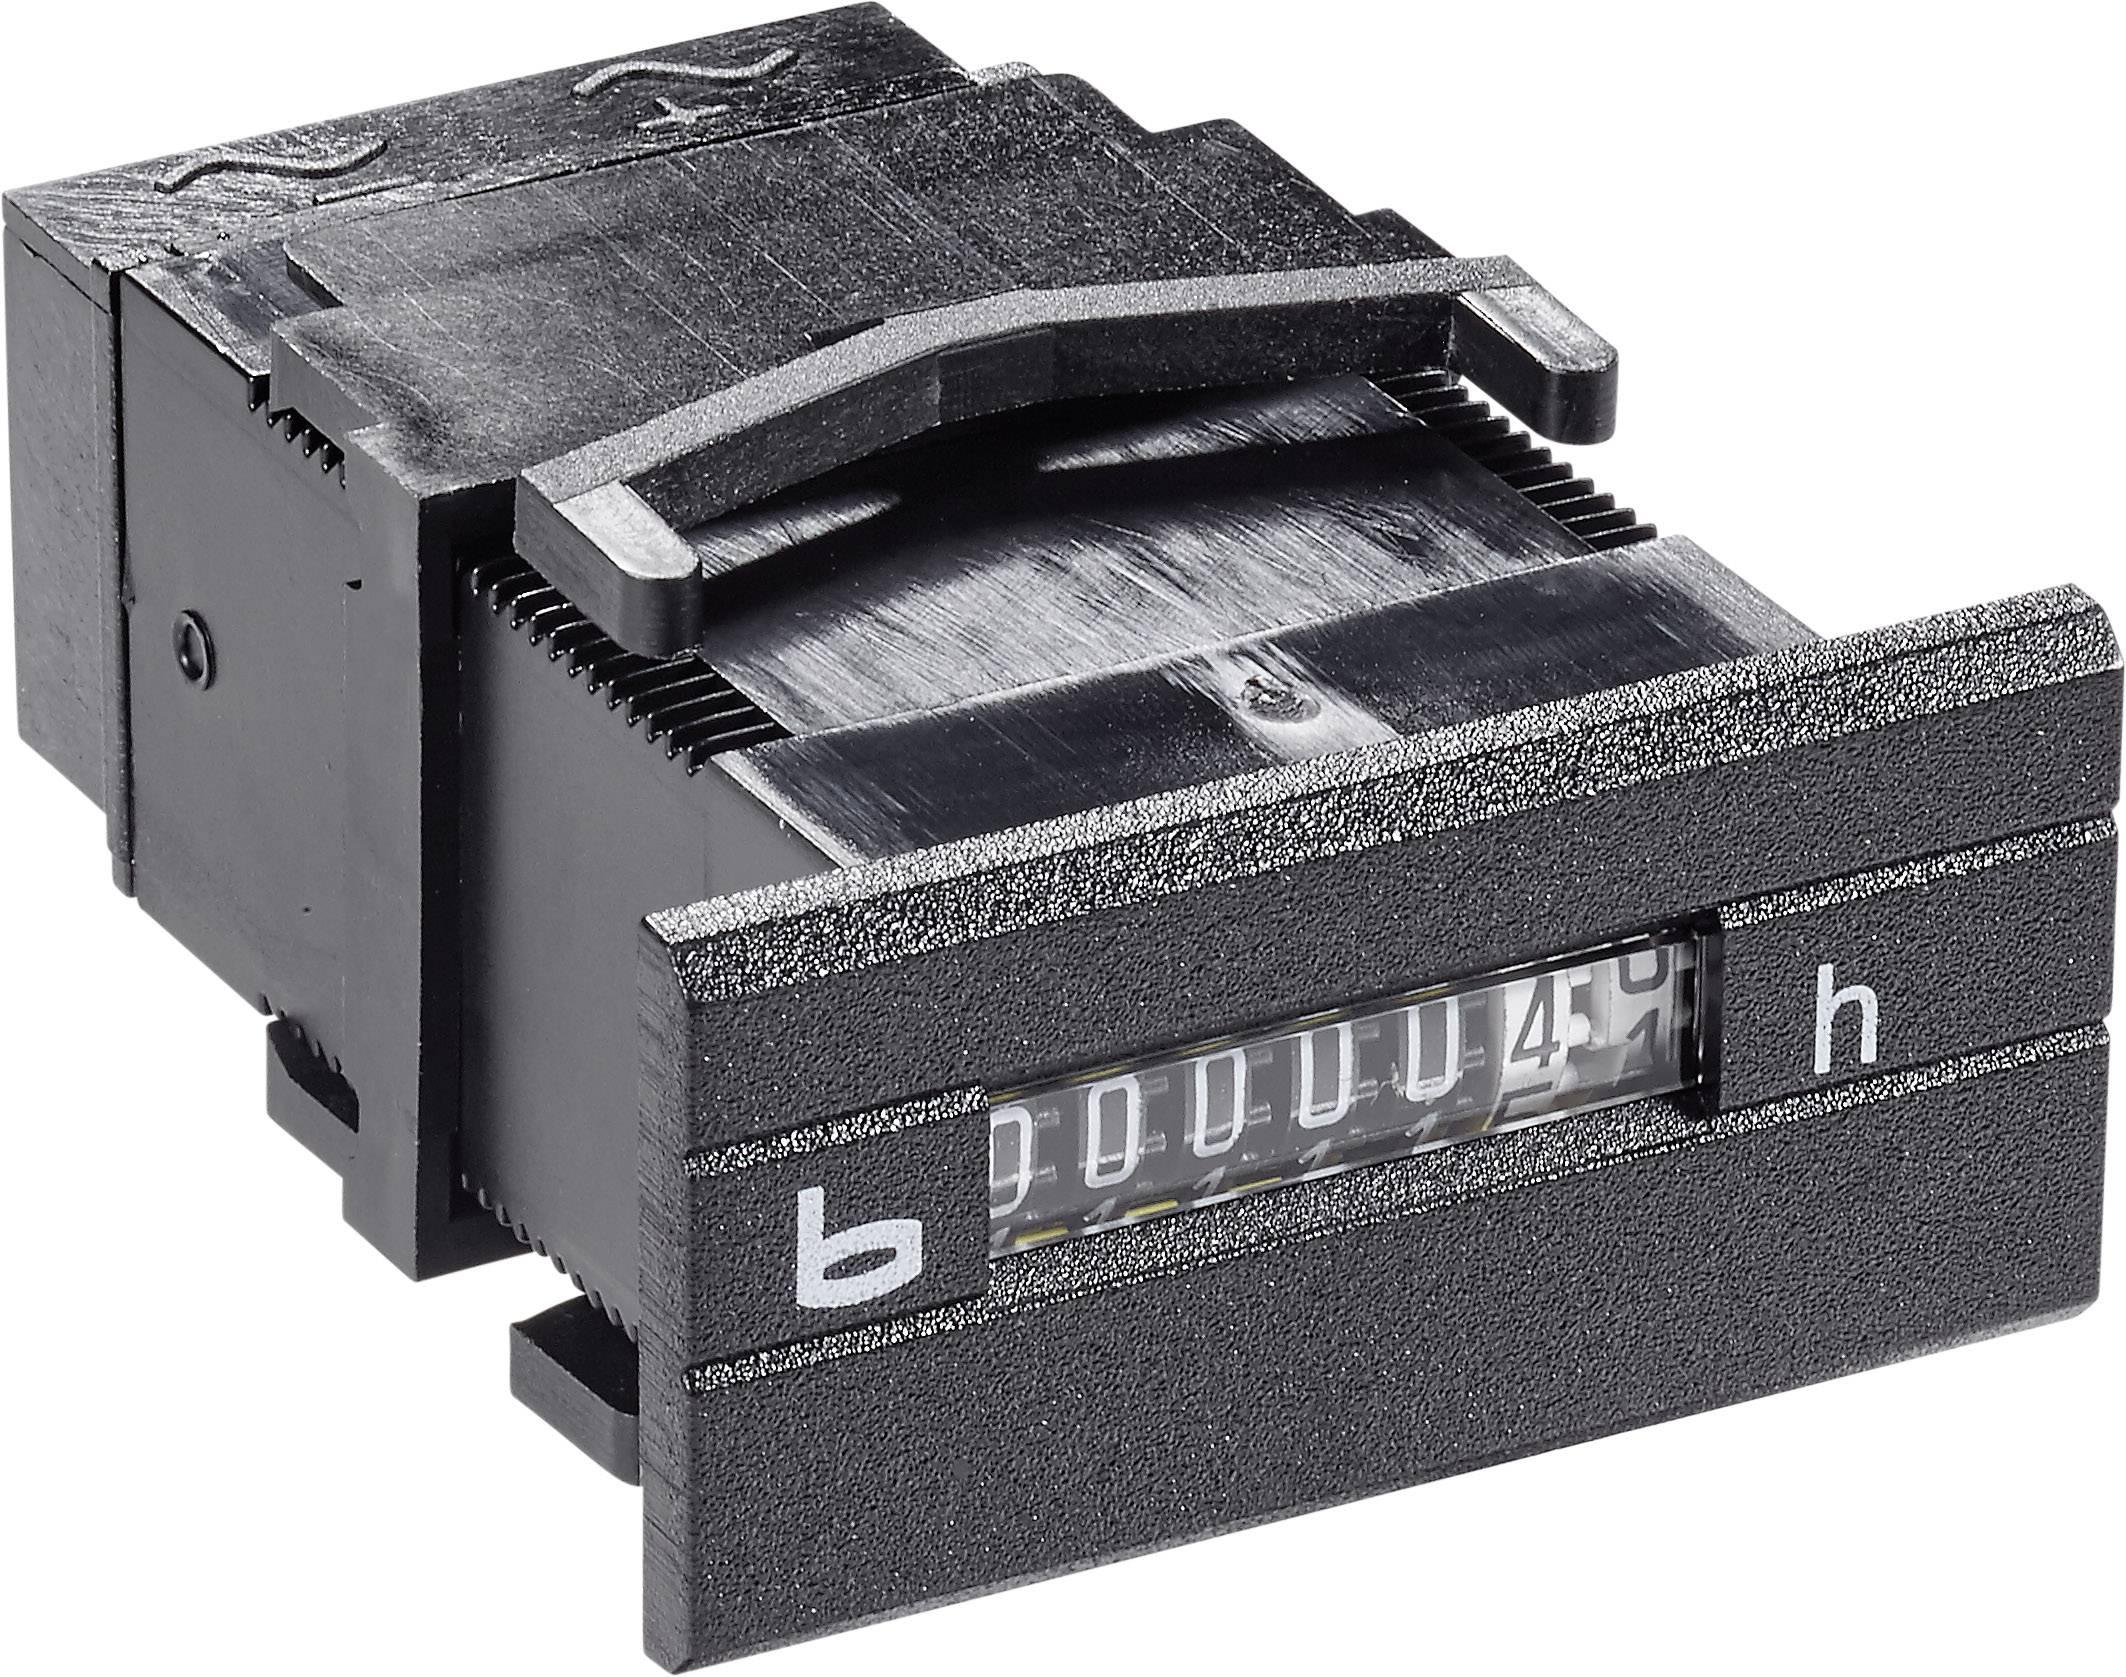 Počítadlo prevádzkových hodín Bauser 252.2, 230 V/50 Hz